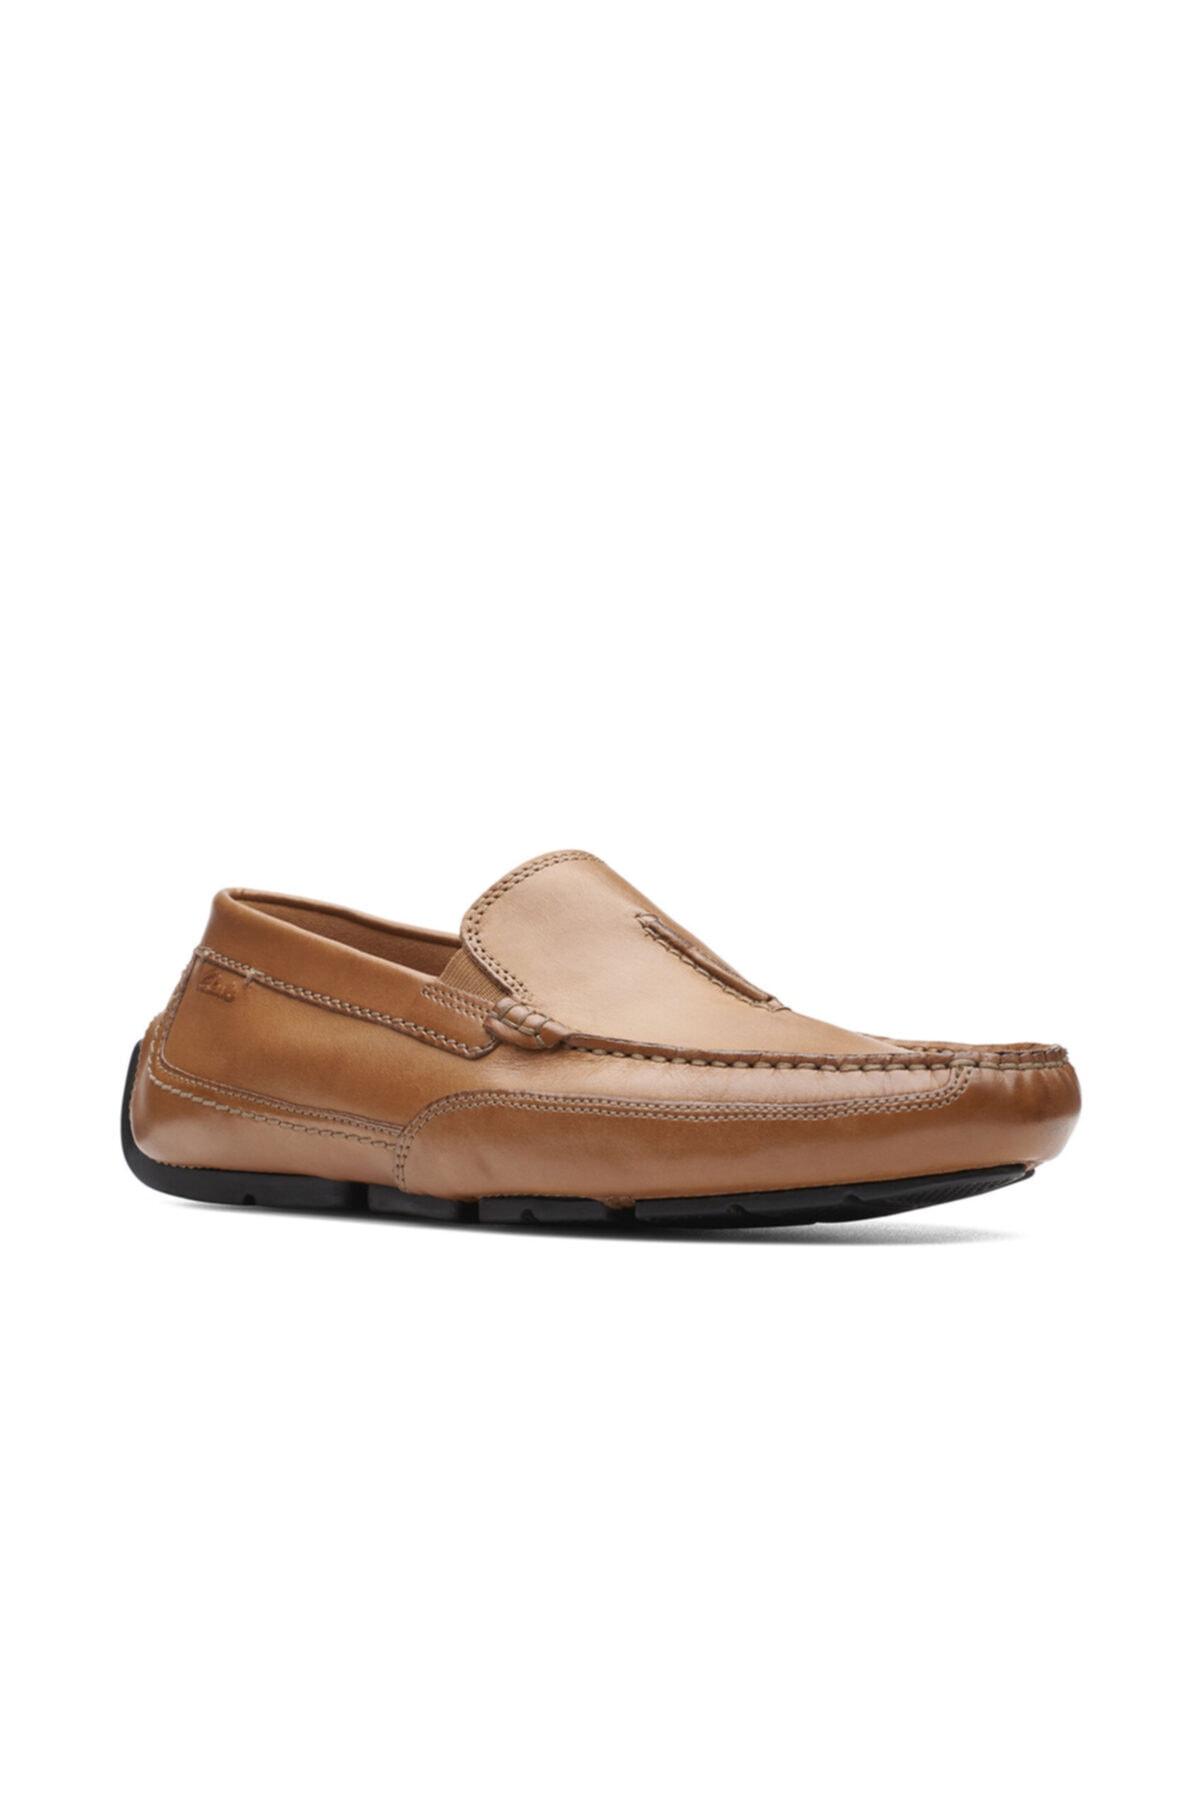 CLARKS Erkek Taba Renk Klasik Şık Ve Rahat Ayakkabı 1